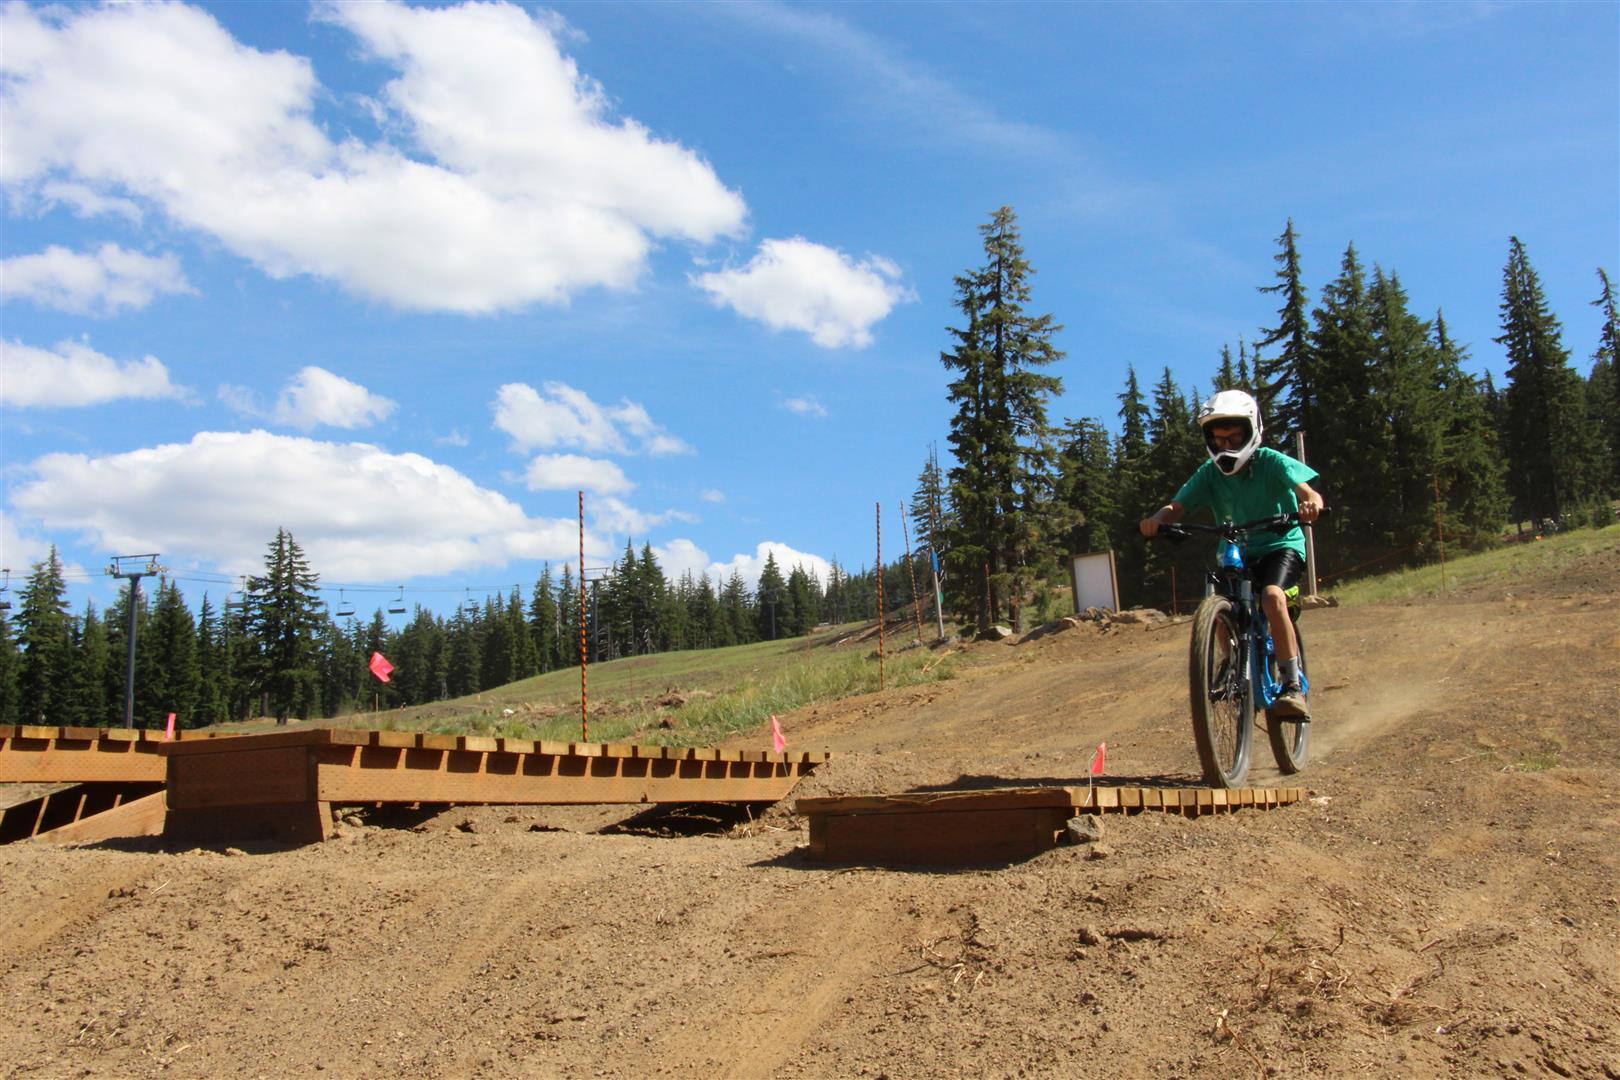 Mt. Bachelor biking